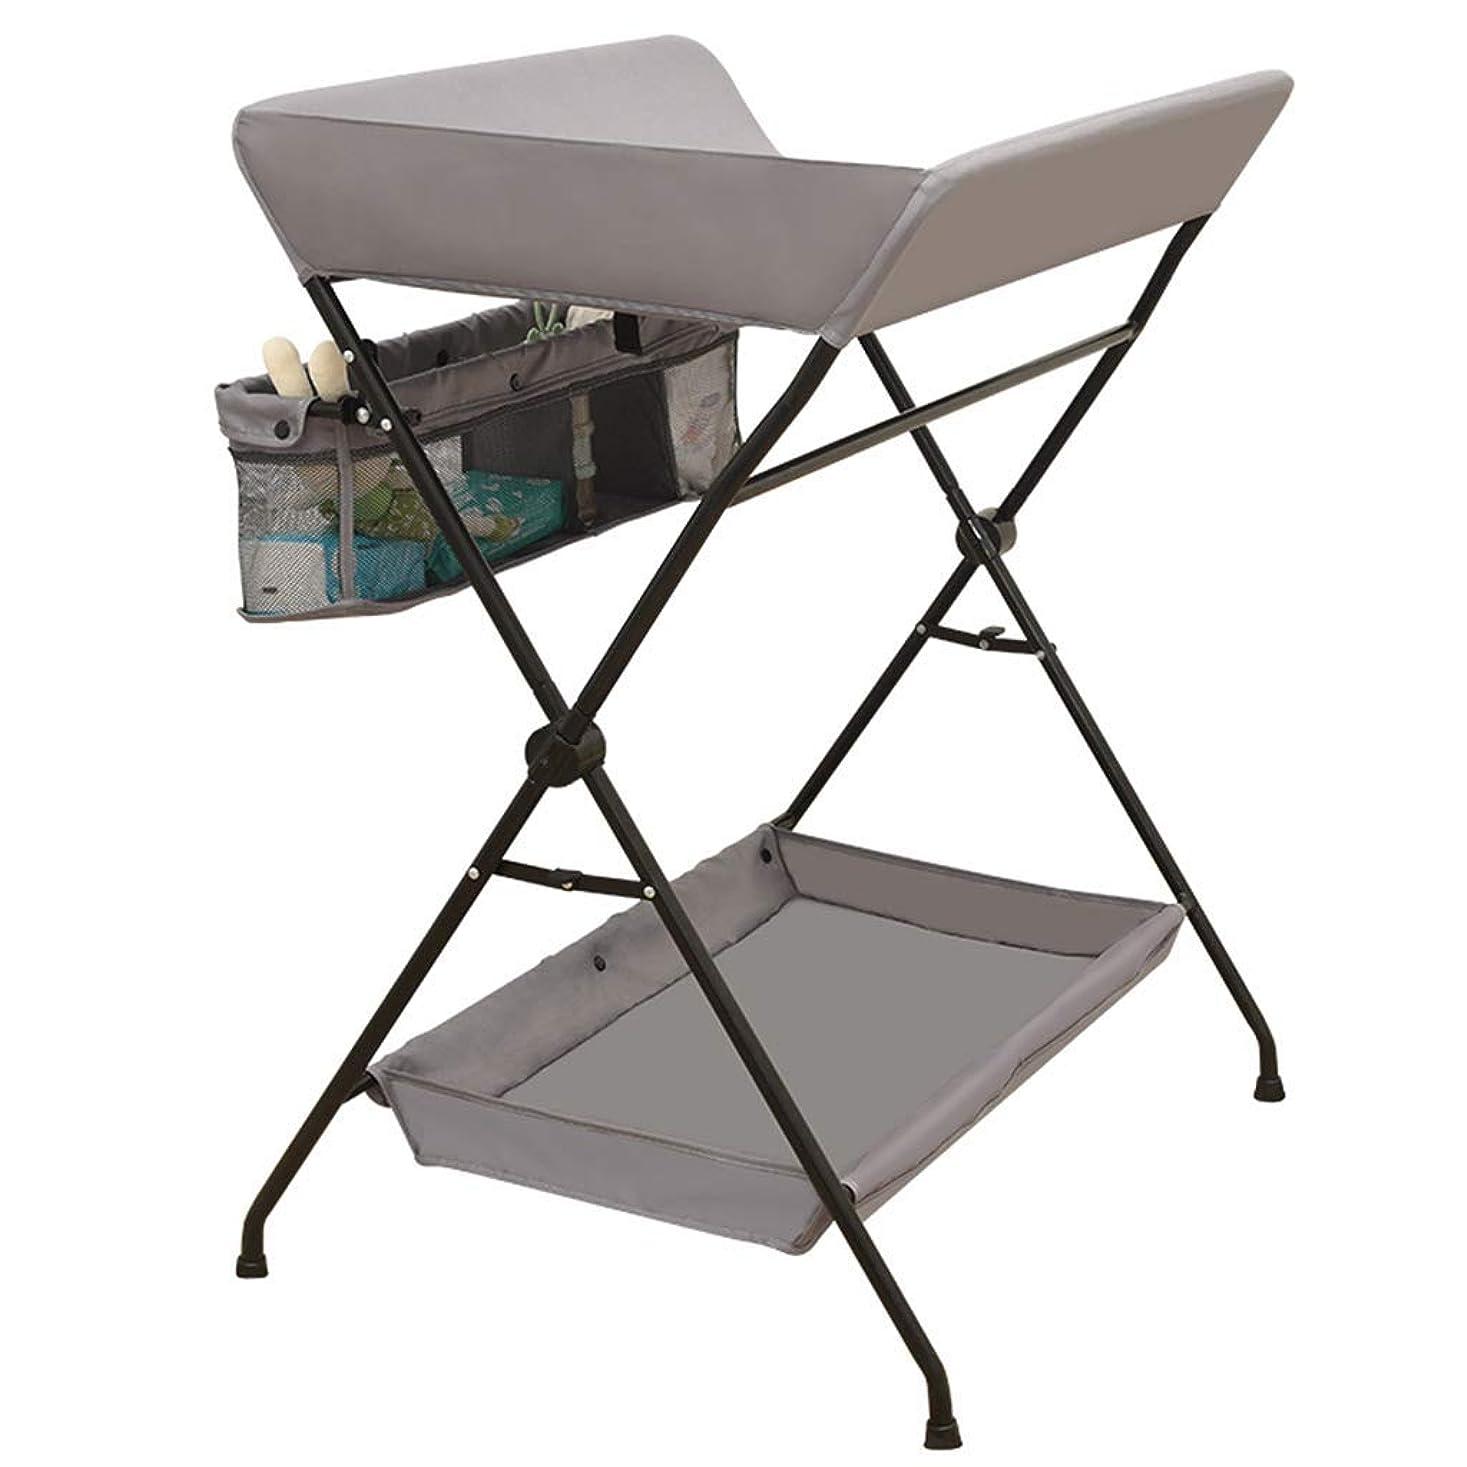 やさしい手首トラブルグレーの折りたたみ式小テーブル収納、幼児用保育園更衣ステーションドレッサーオーガナイザー